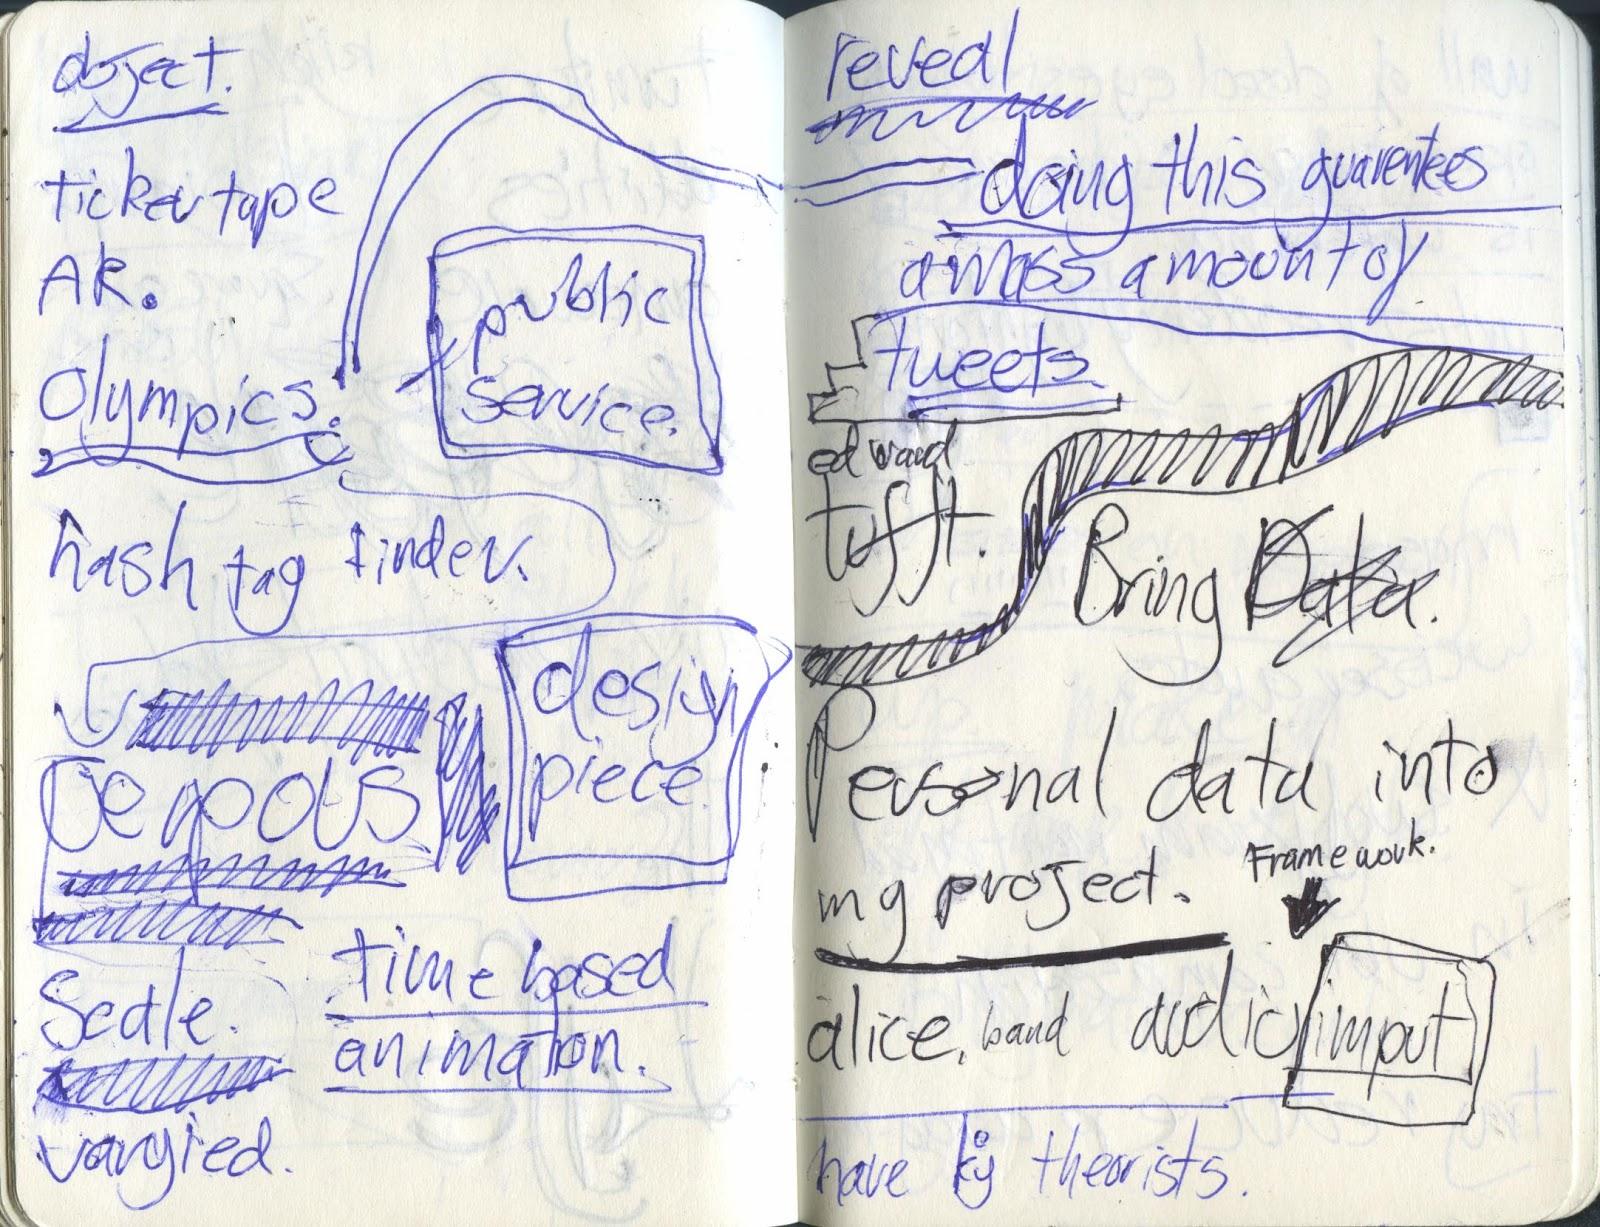 sam scaife digital media design ba project 5 sketchbook notes on